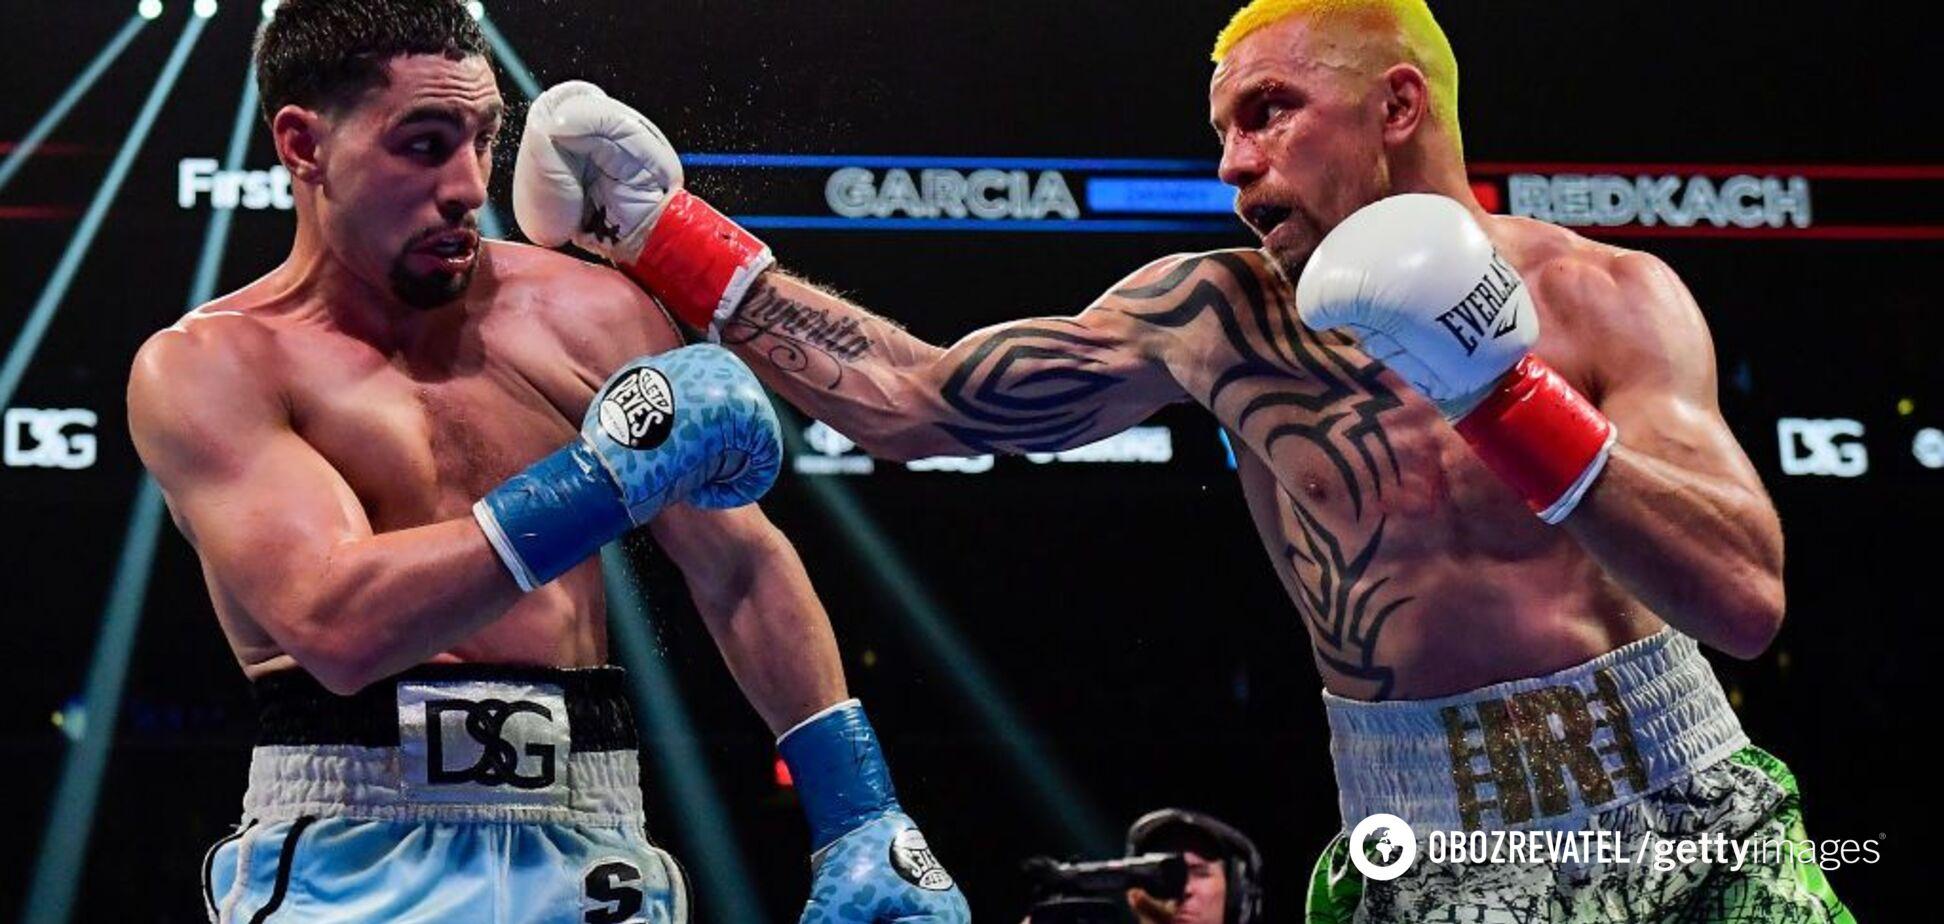 Знаменитый украинский боксер вцепился зубами в соперника в бою